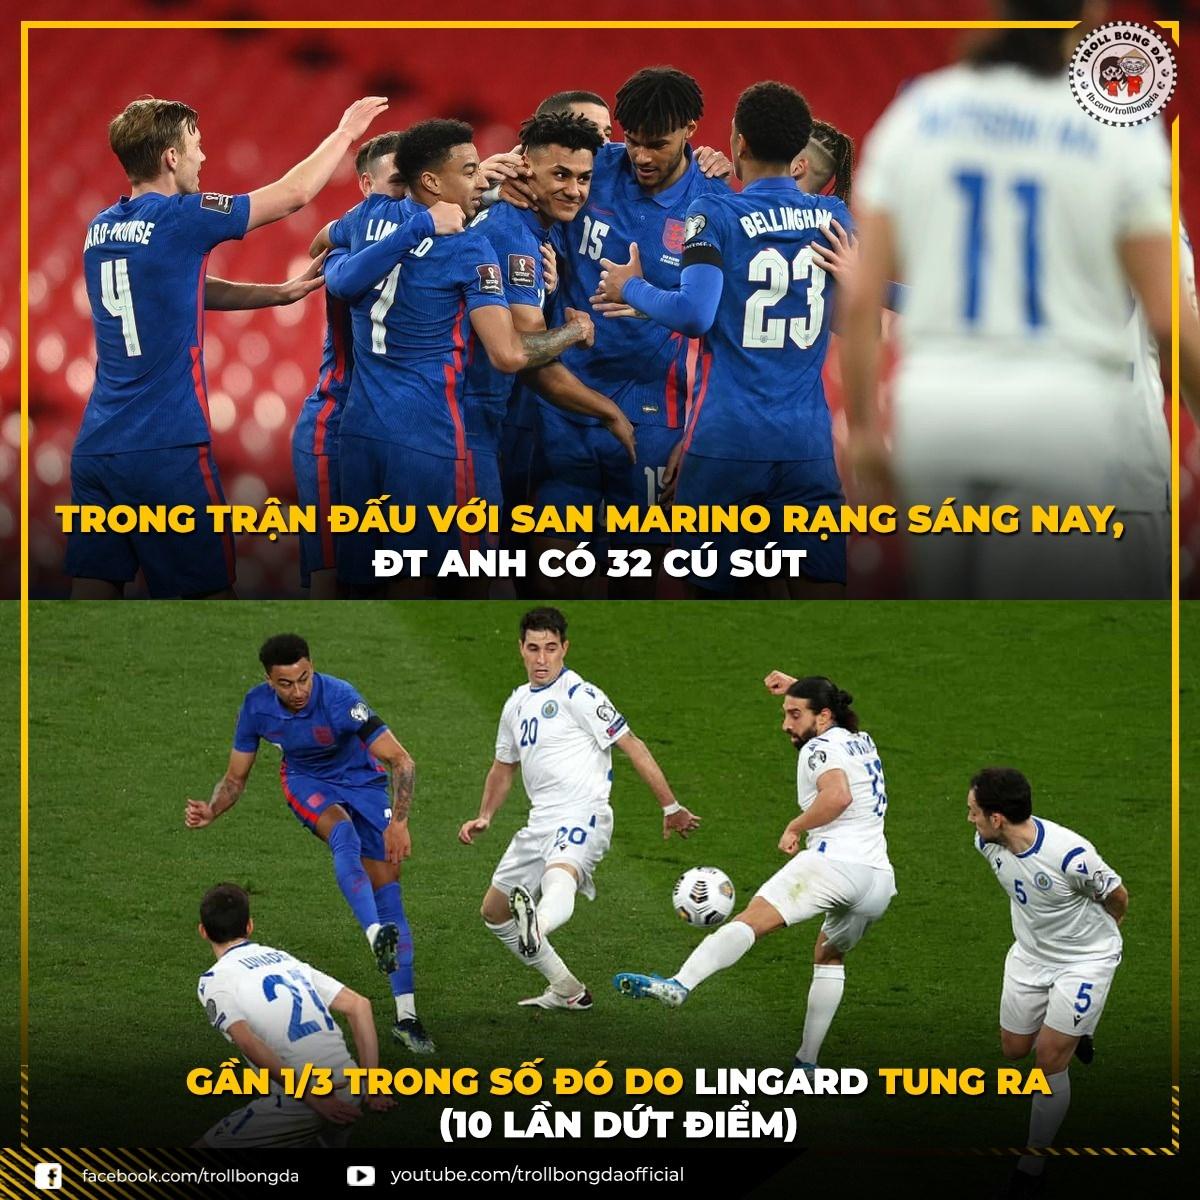 Lingard là đầu tàu của ĐT Anh trong trận đấu với San Marino. (Ảnh: Troll bóng đá).